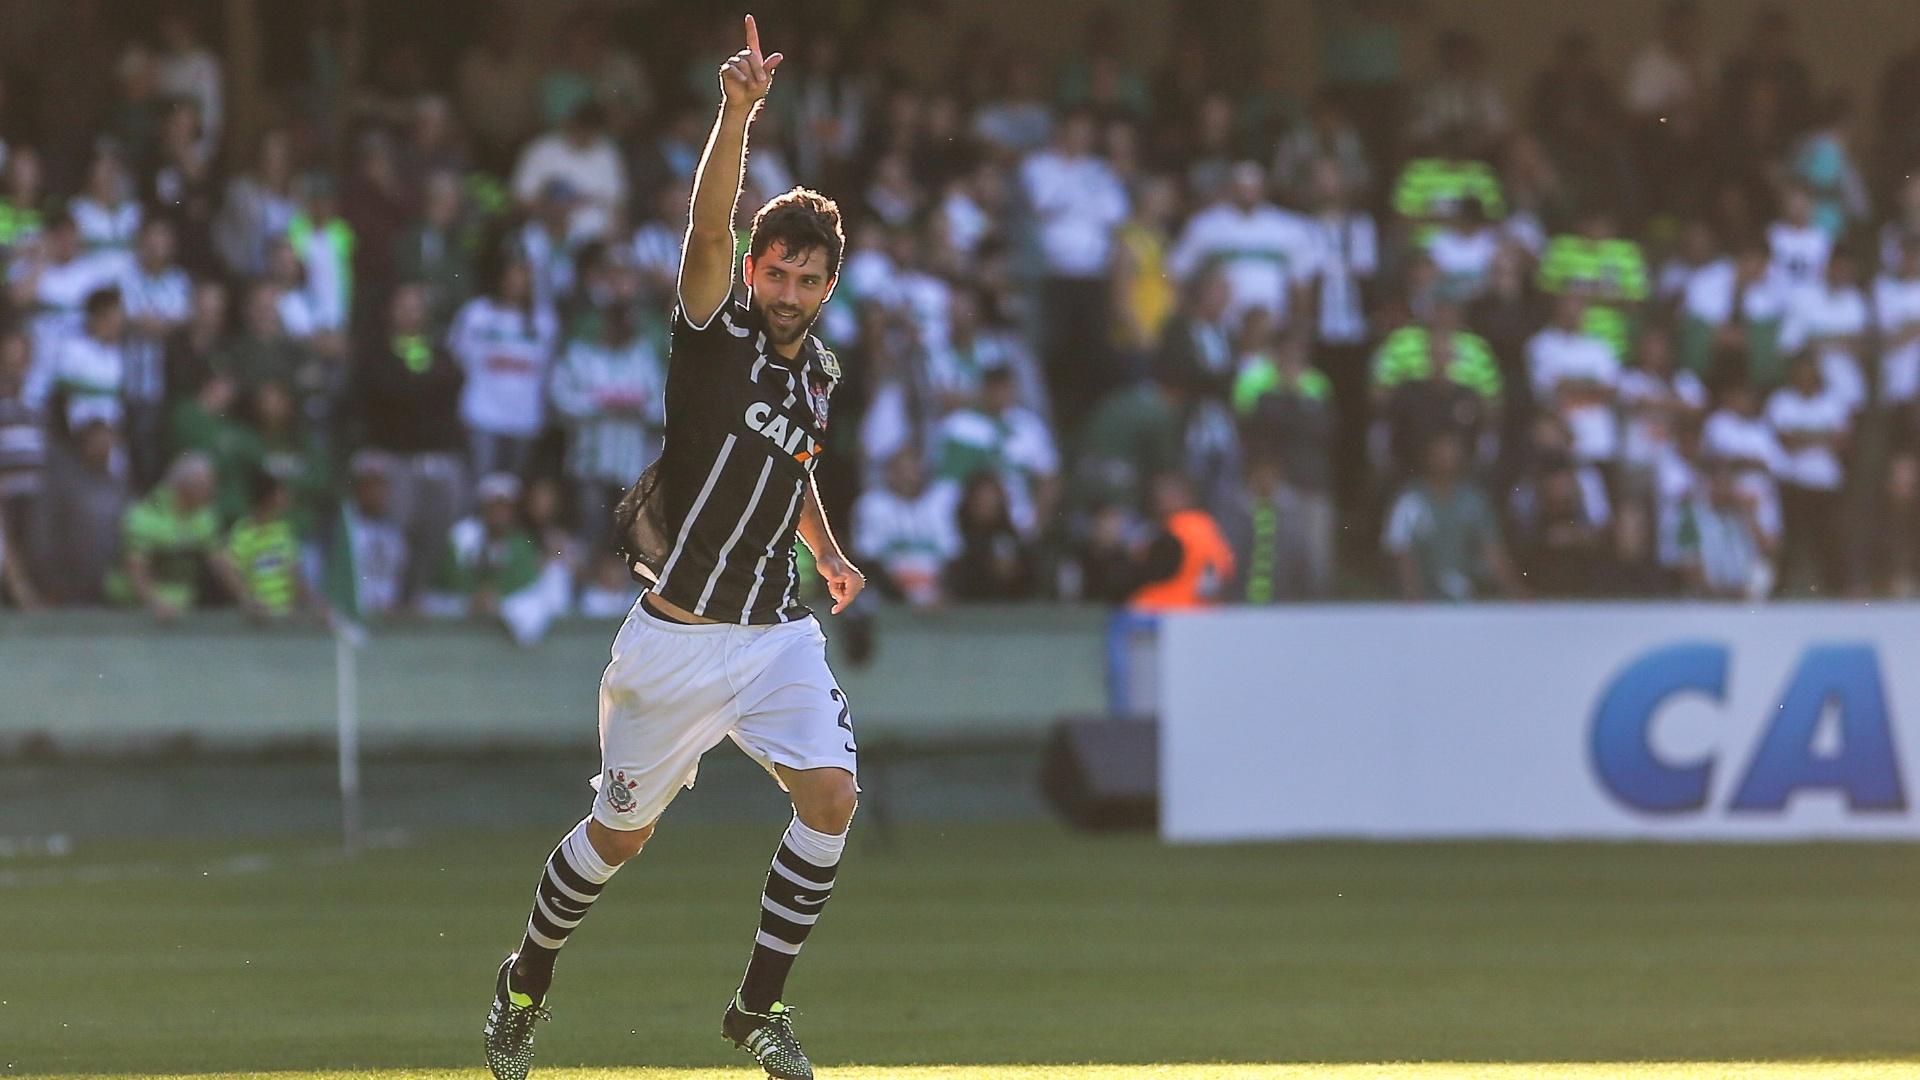 Felipe comemora gol marcado na partida entre Corinthians e Coritiba, disputada no Couto Pereira